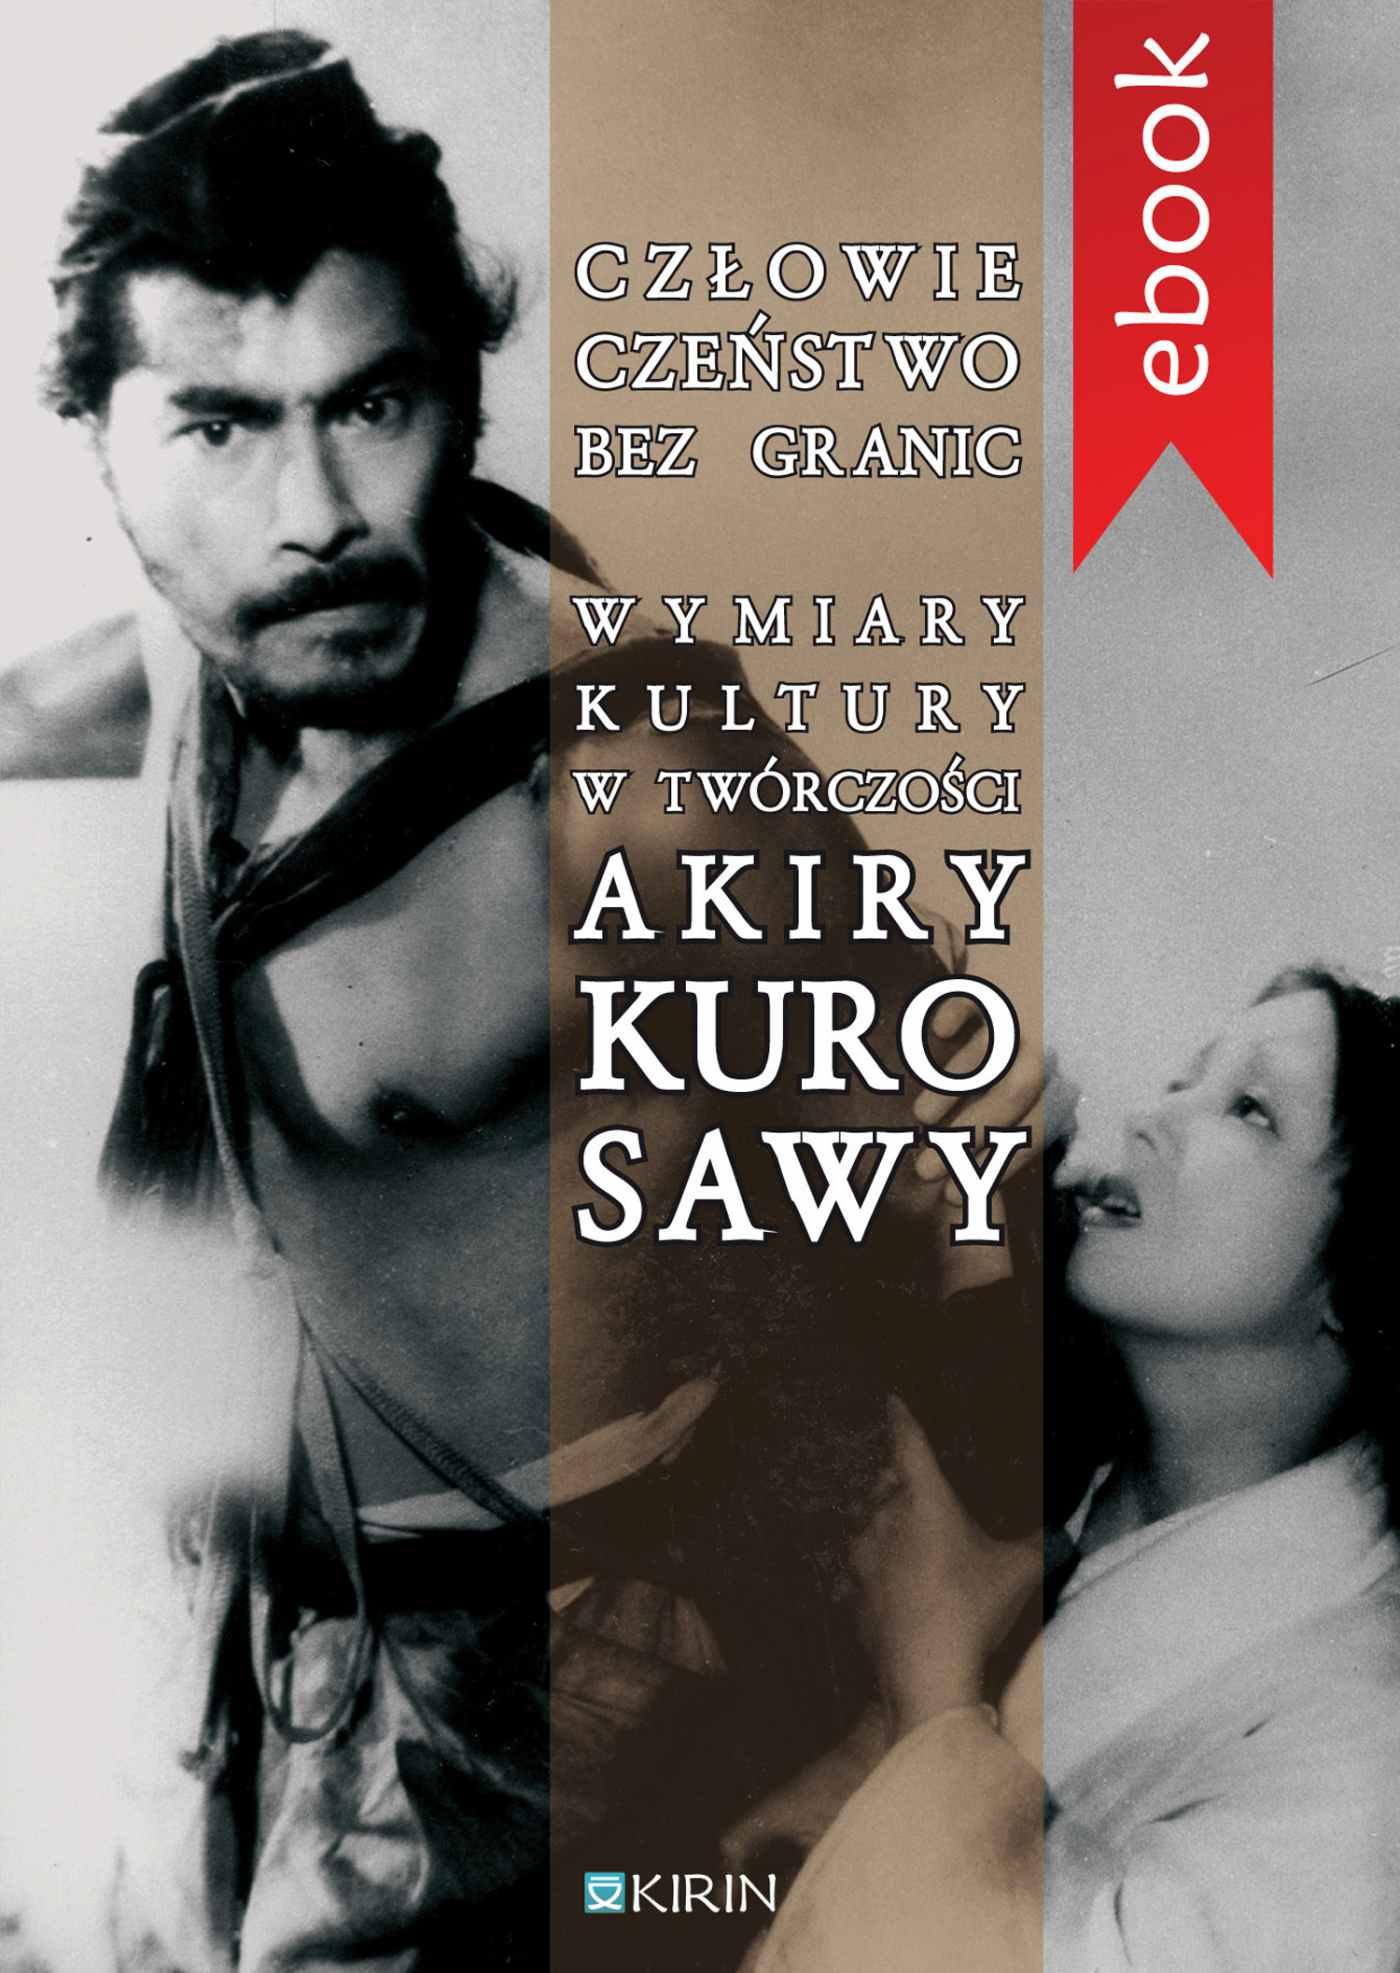 Człowieczeństwo bez granic. Wymiary kutury w twórczości Akiry Kurosawy - Ebook (Książka EPUB) do pobrania w formacie EPUB